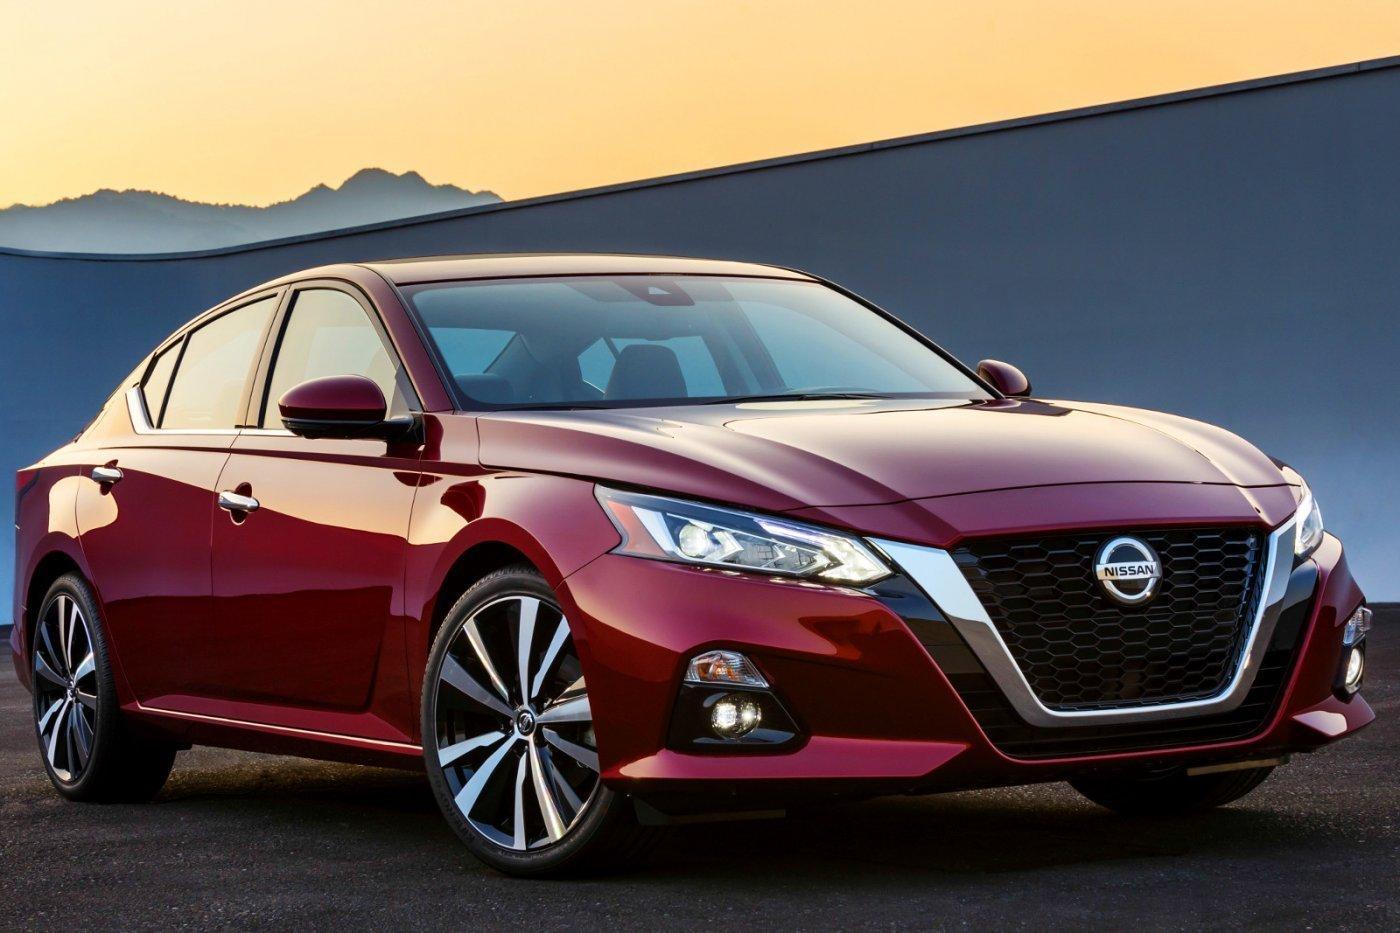 A Nissan egyik legnépszerűbb autója is megkapja a változó kompressziójú turbómotort